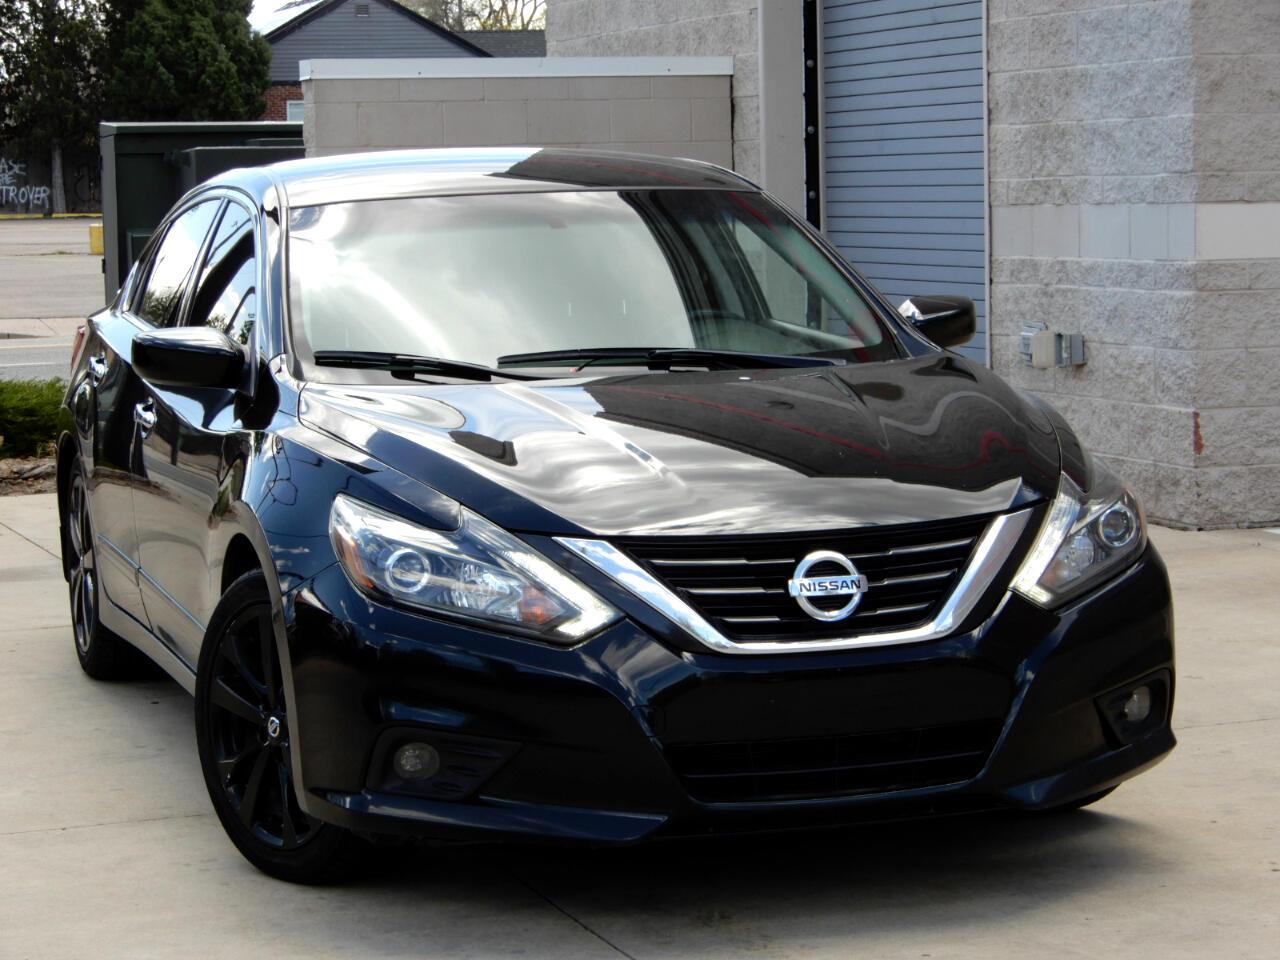 Nissan Altima 2.5 SR Sedan 2017